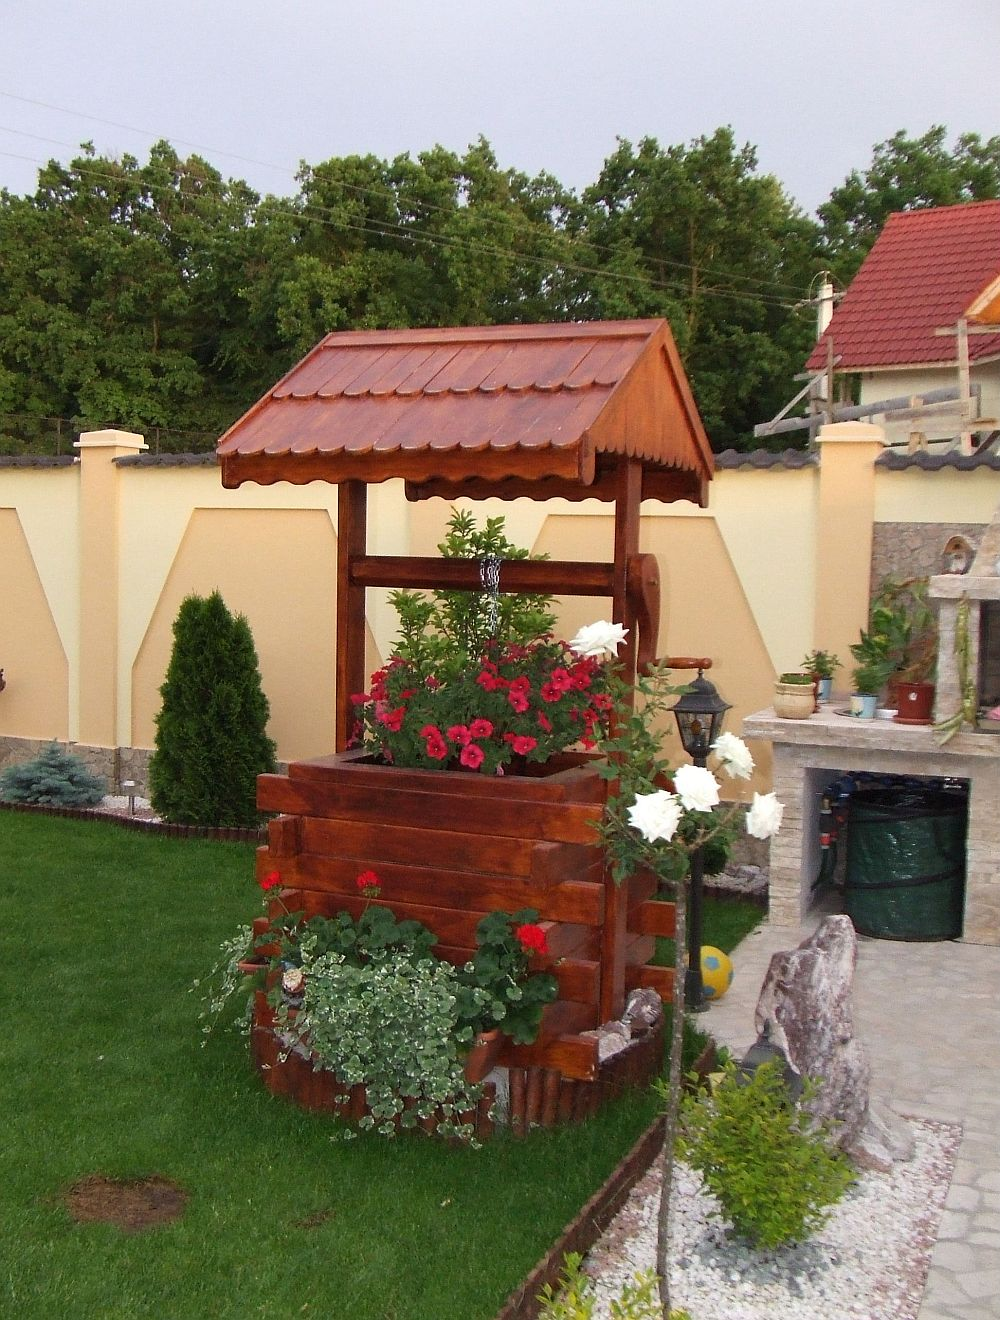 adelaparvu.com despre fantani decorative din lemn, masti pentru fantani, design Rustic Design, oradea (1)